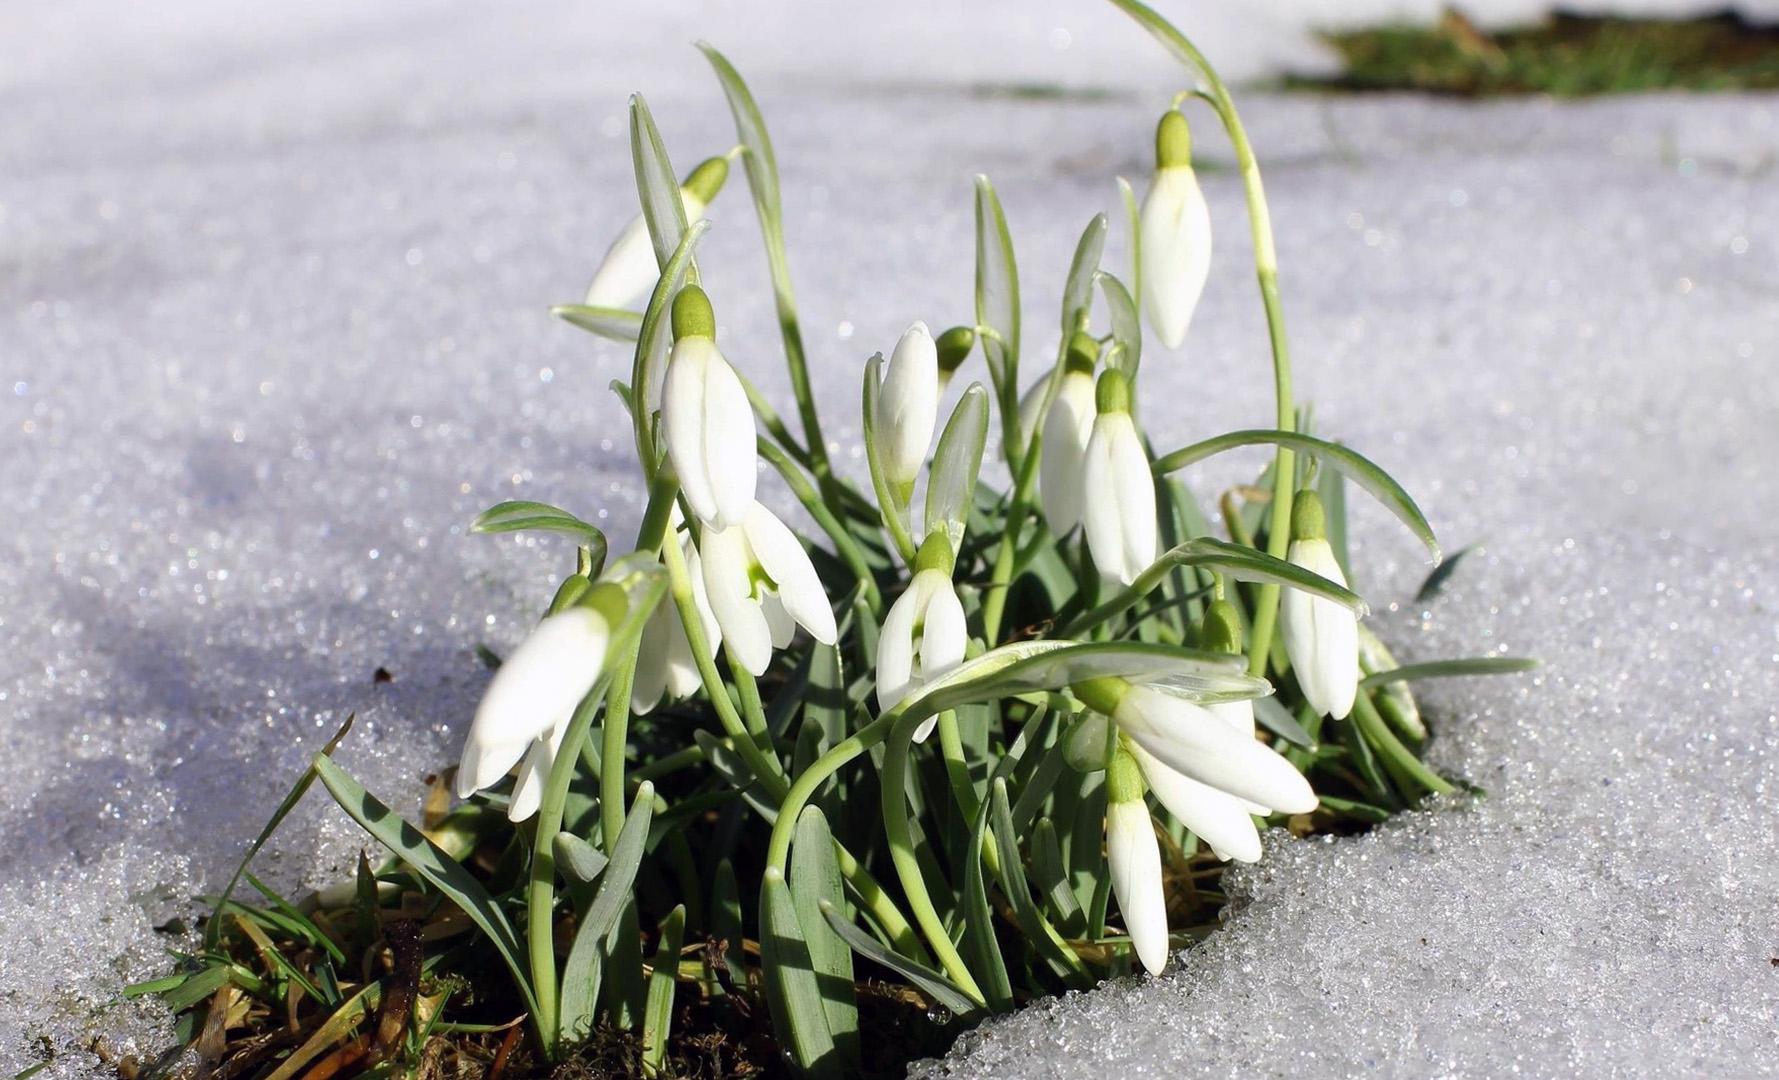 Baltos snieguolės iš sniego